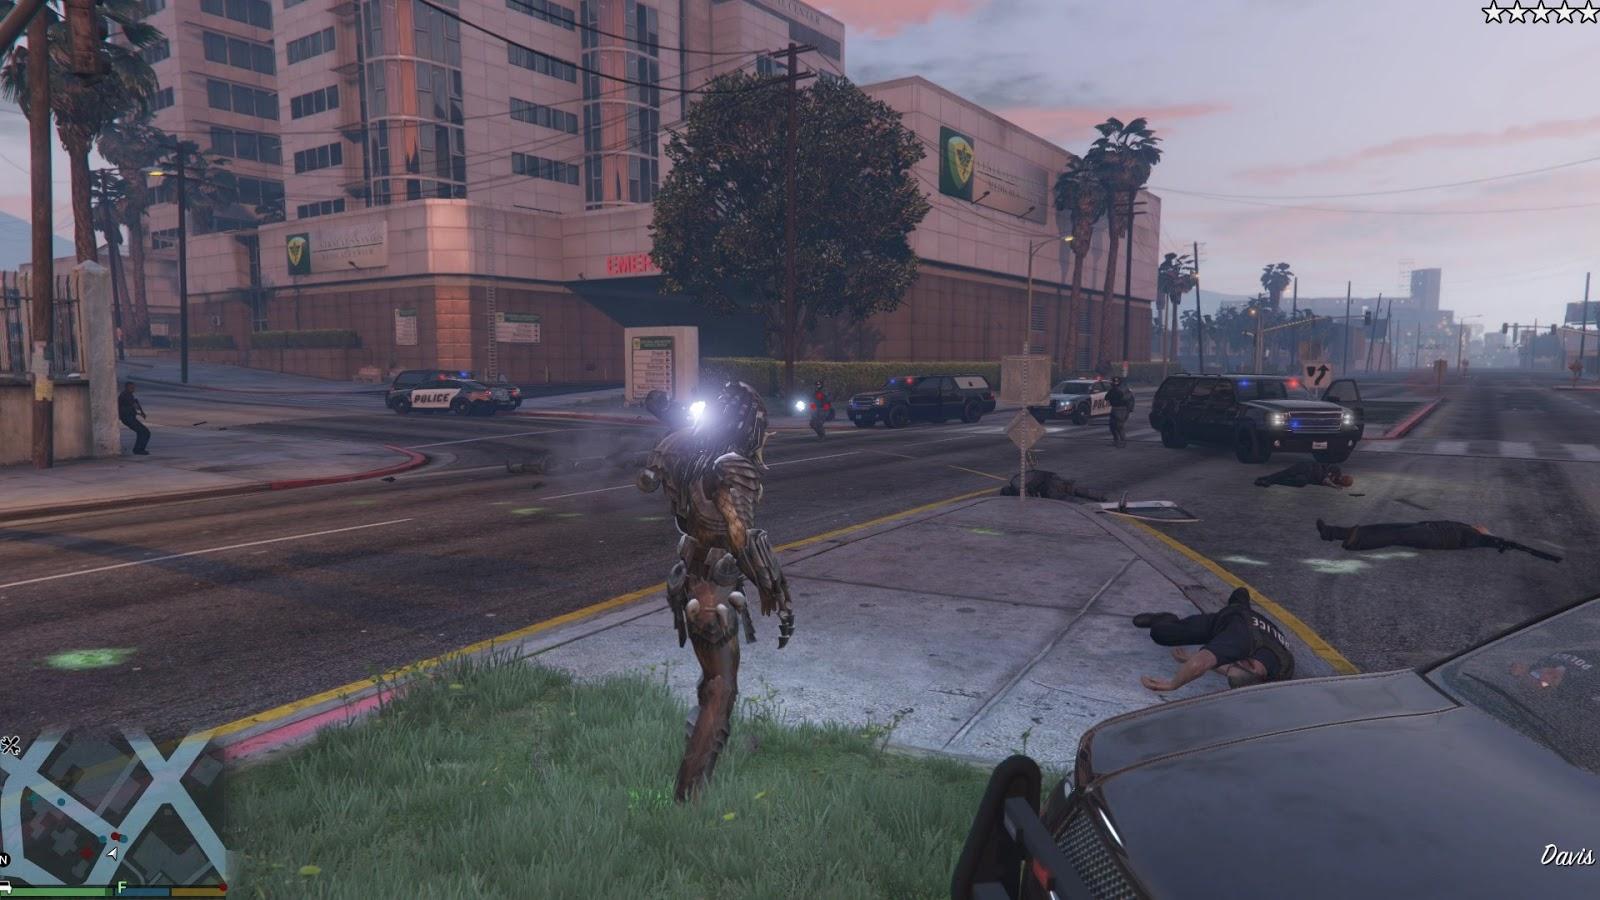 GTA X Scripting: GTA V Predator script mod